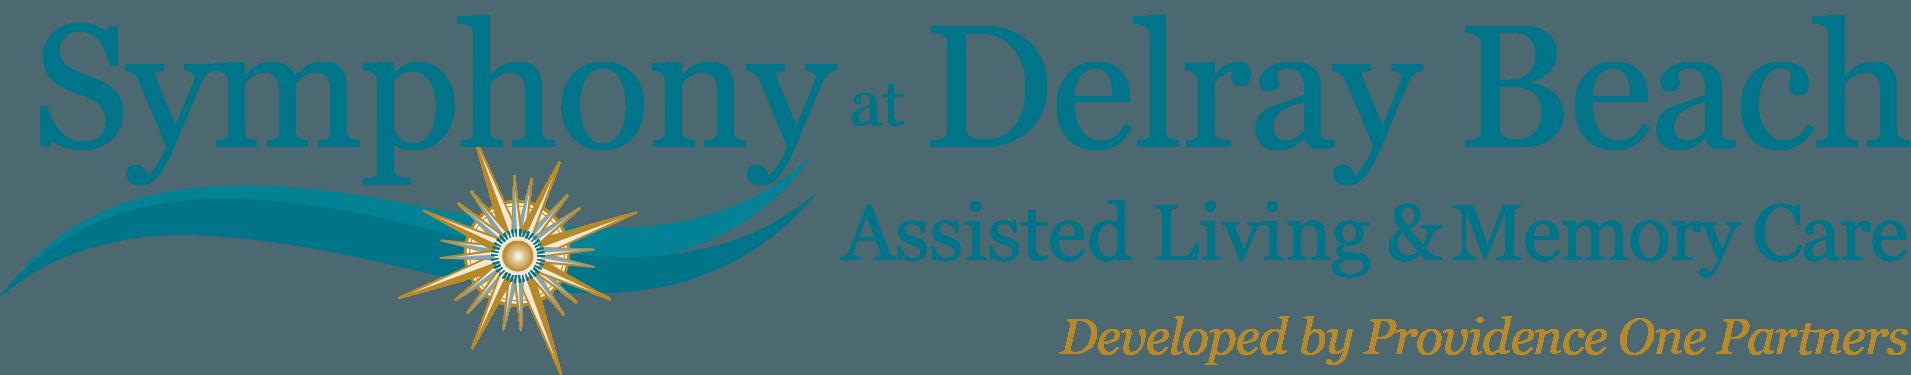 Symphony at Delray Beach